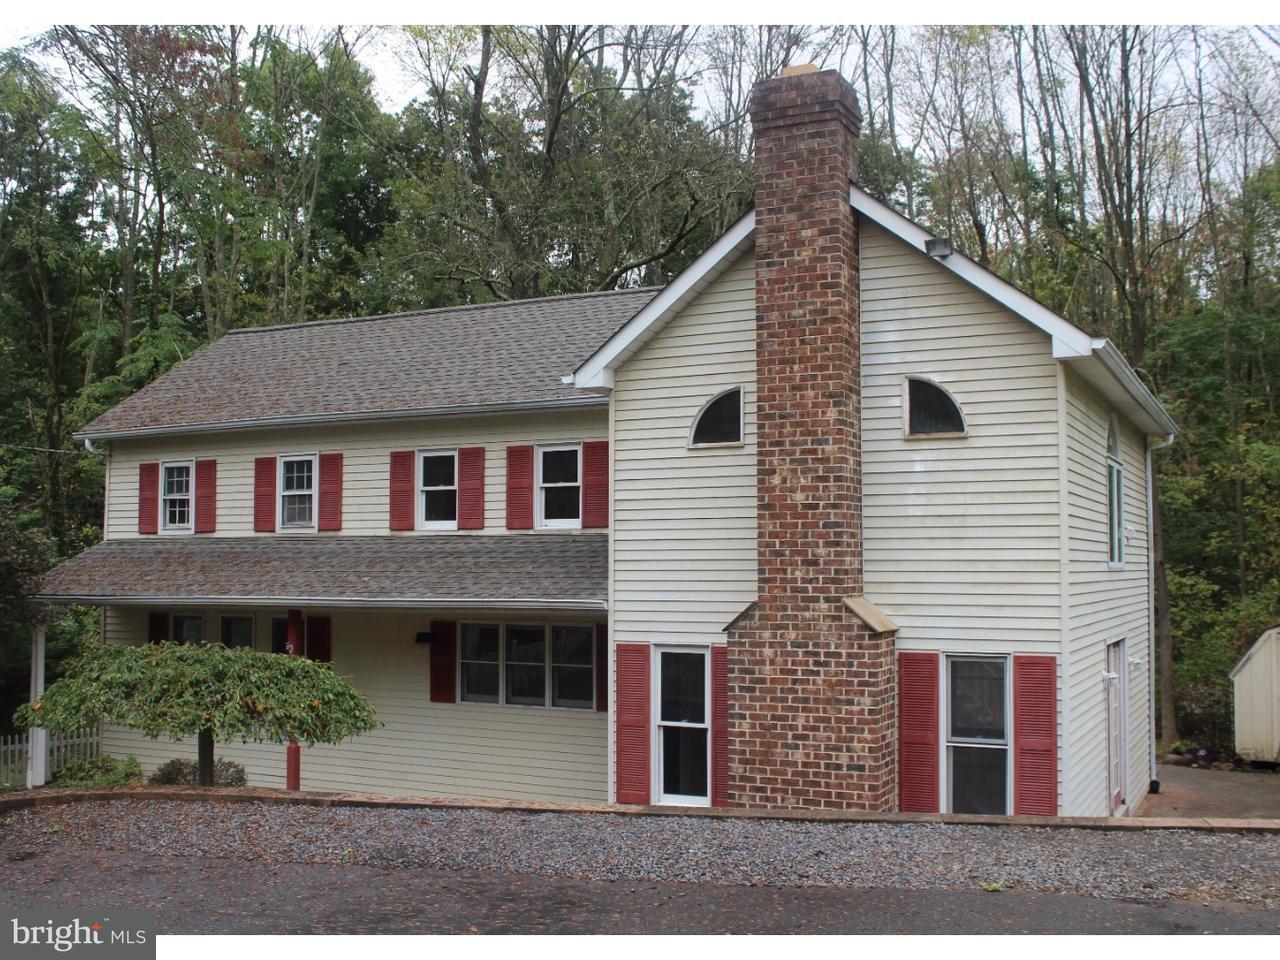 Частный односемейный дом для того Продажа на 31 CHURCH Street Crosswicks, Нью-Джерси 08505 Соединенные ШтатыВ/Около: Chesterfield Township